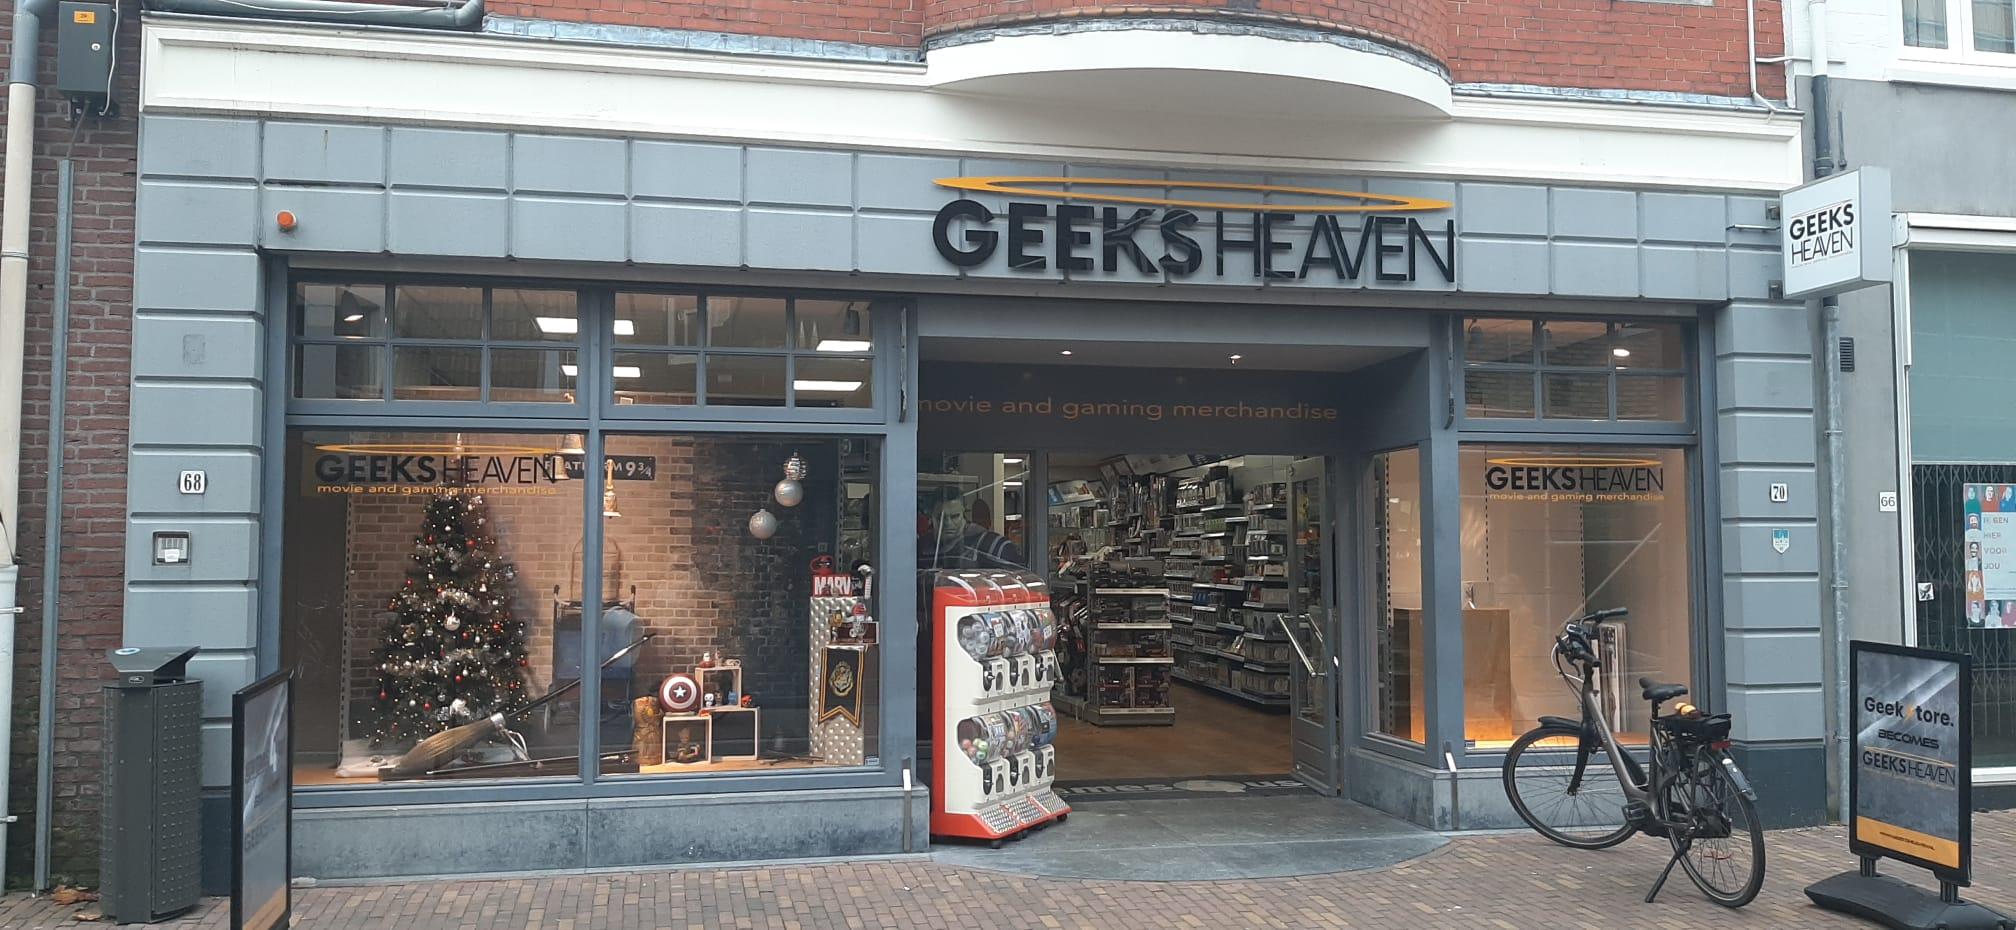 Geeksheaven